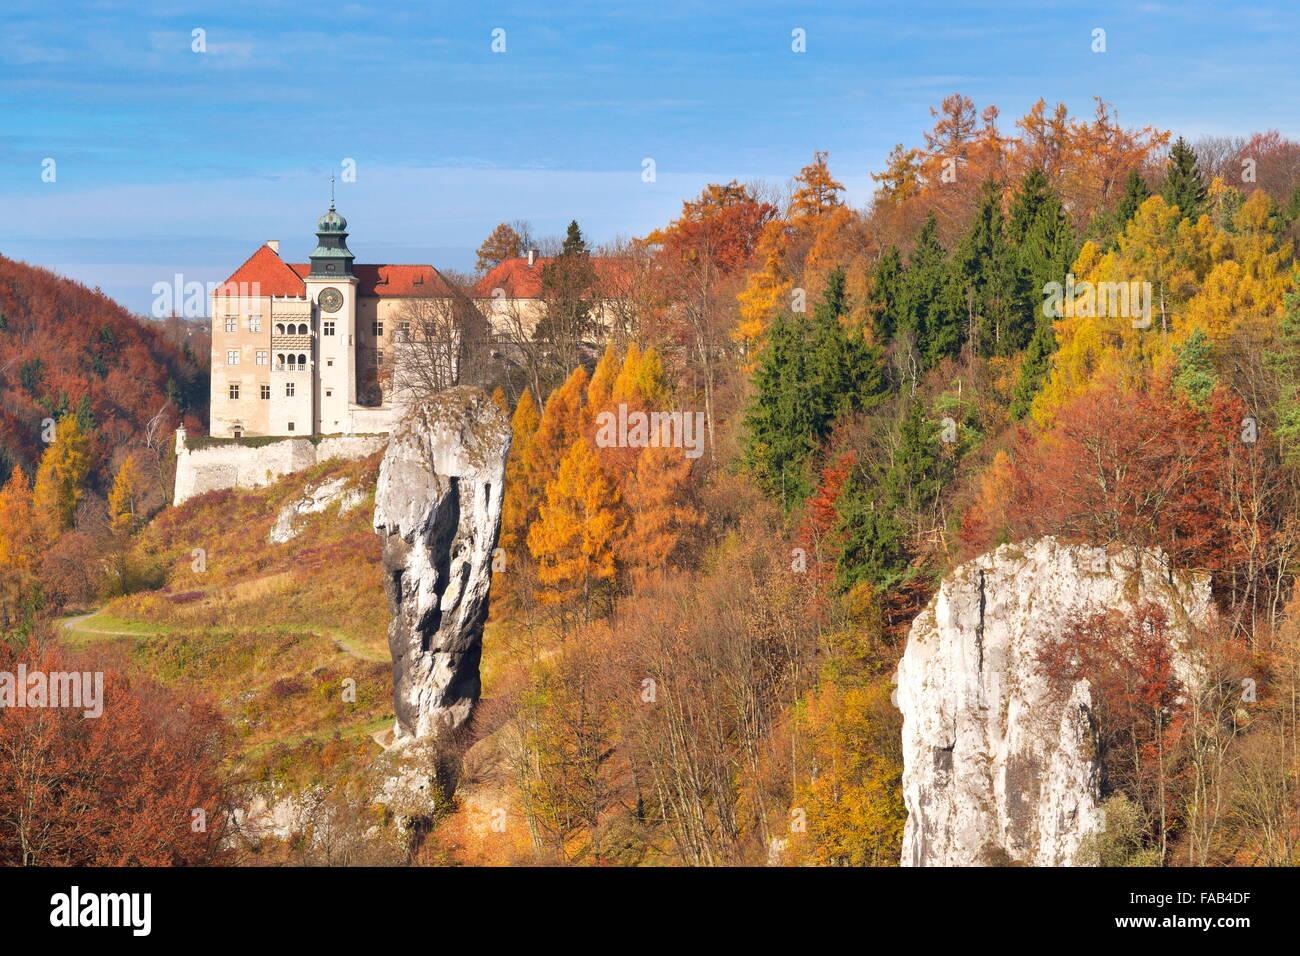 Pieskowa Skala - Castillo y Hercules Rock Club, Parque Nacional cerca de Cracovia, Polonia. Imagen De Stock